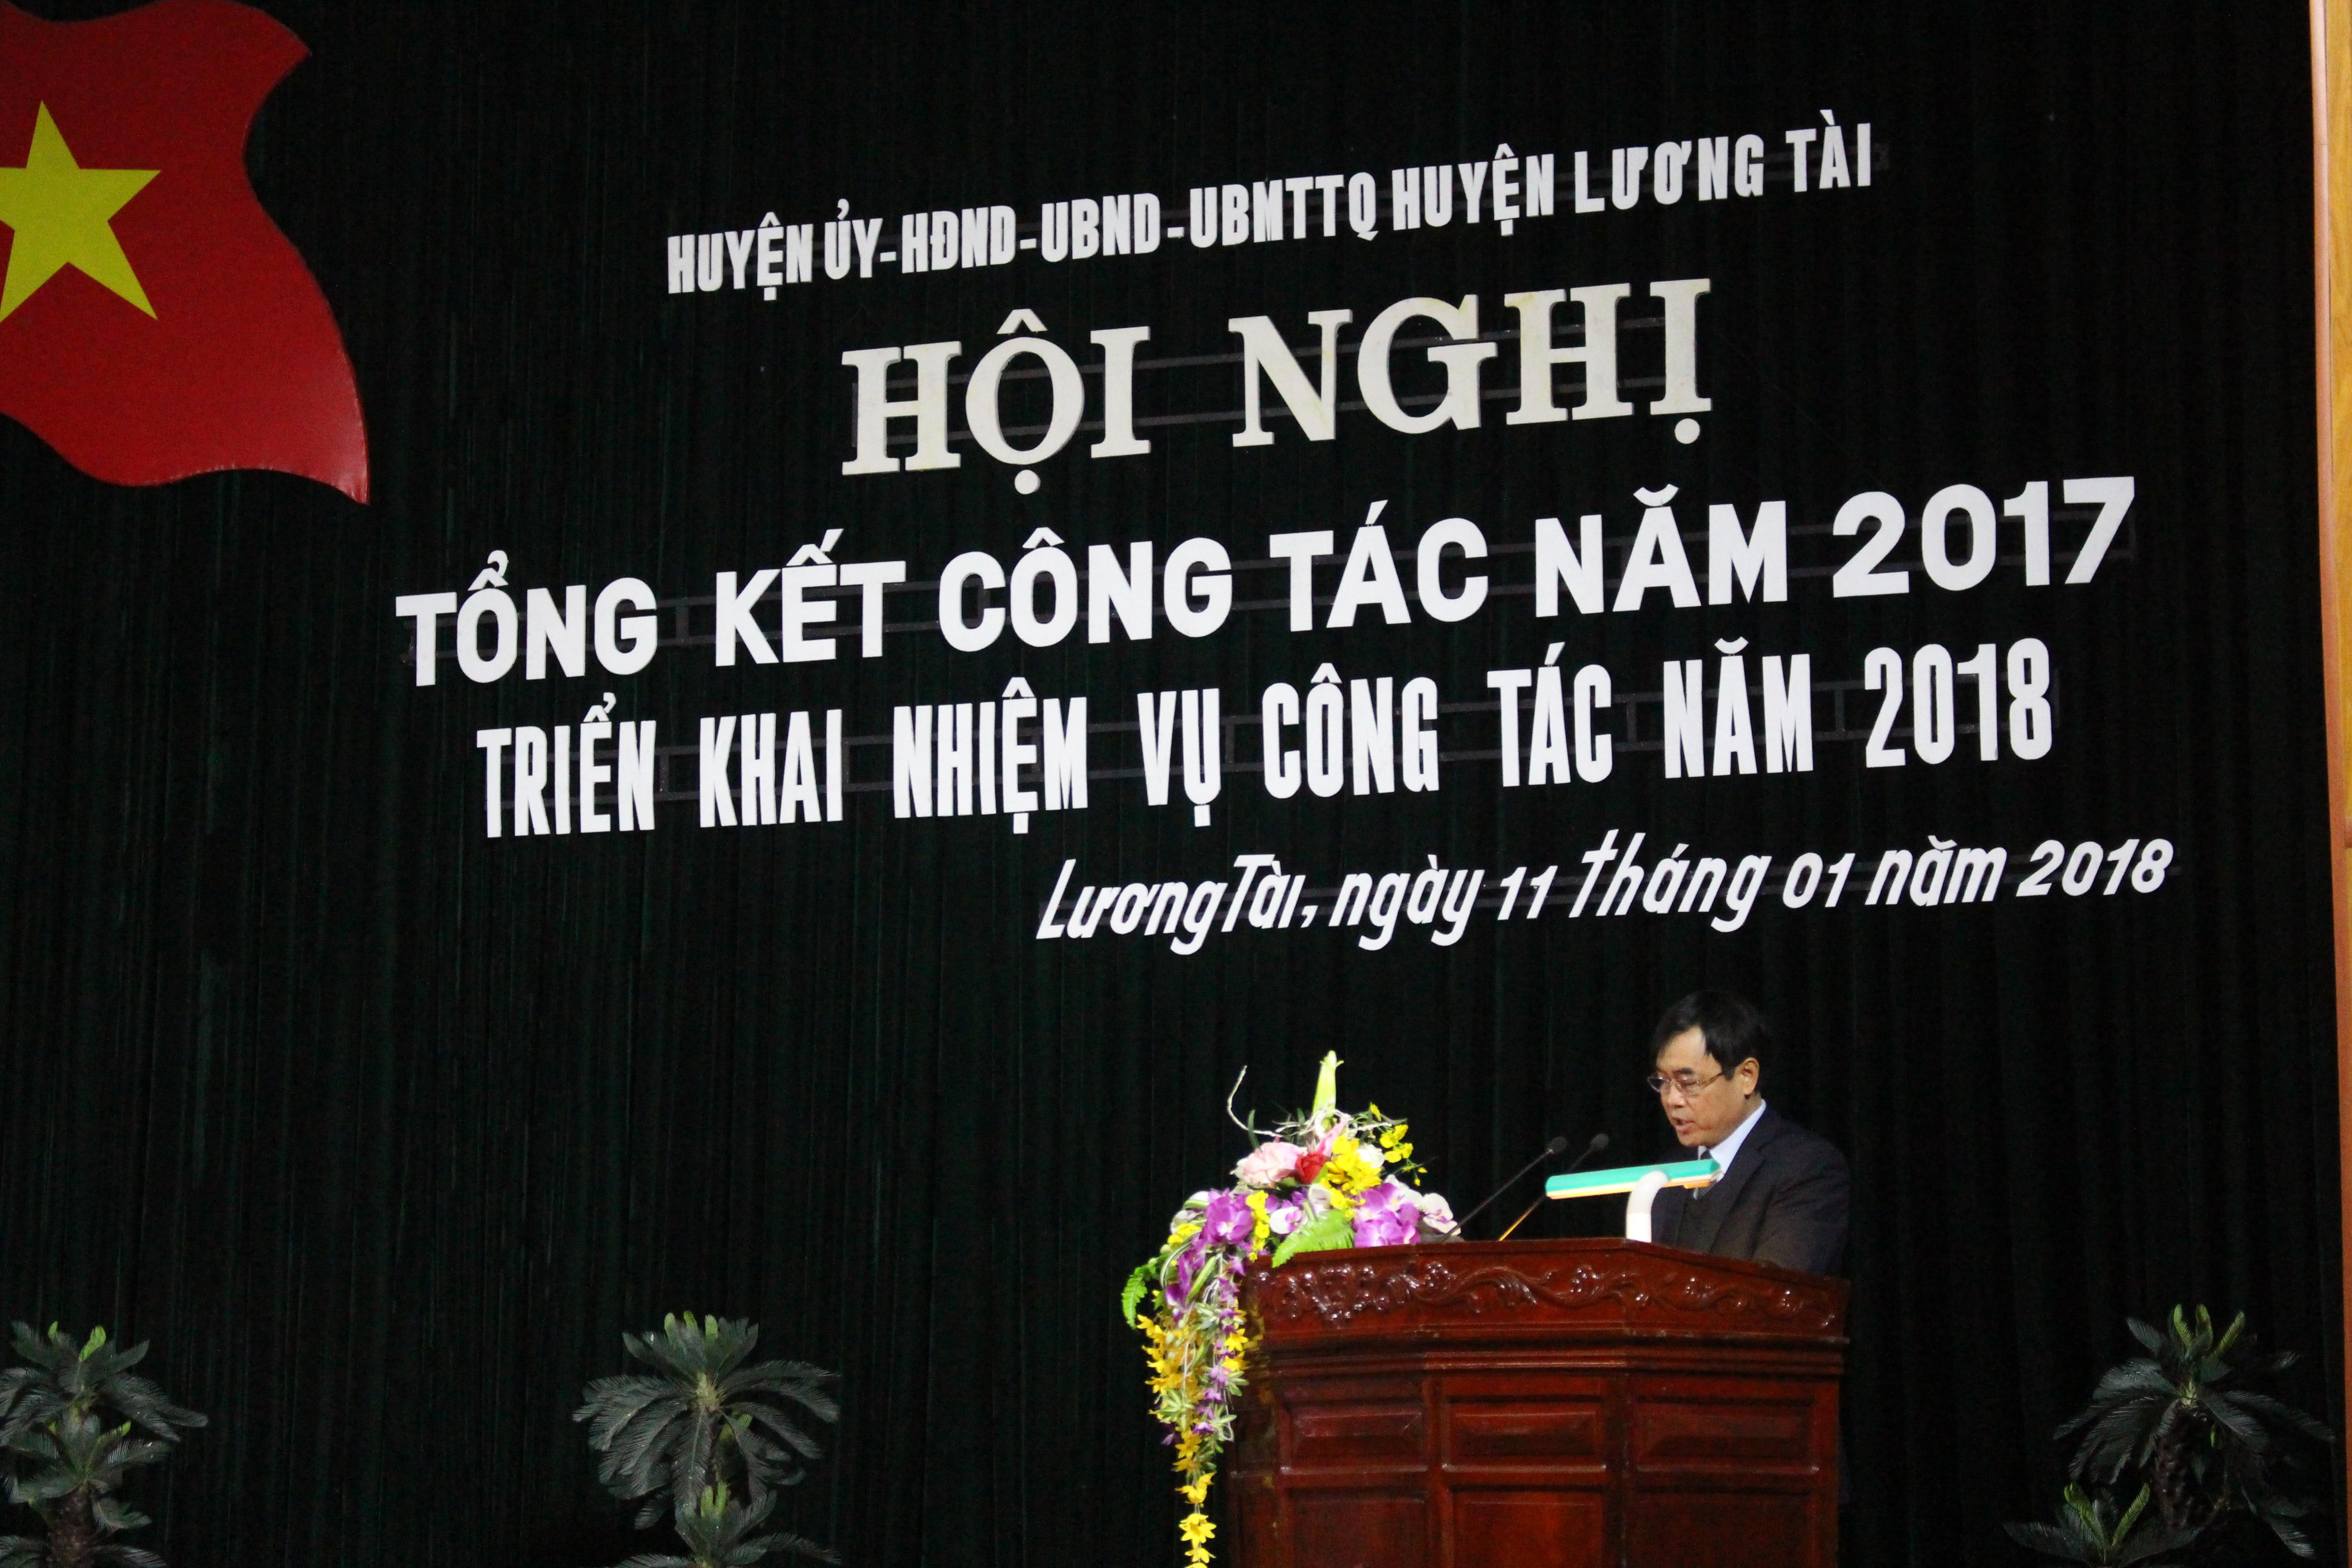 (Phó bí thư thường trực huyện ủy Nguyễn Đình Văn báo cáo tại hội nghị)